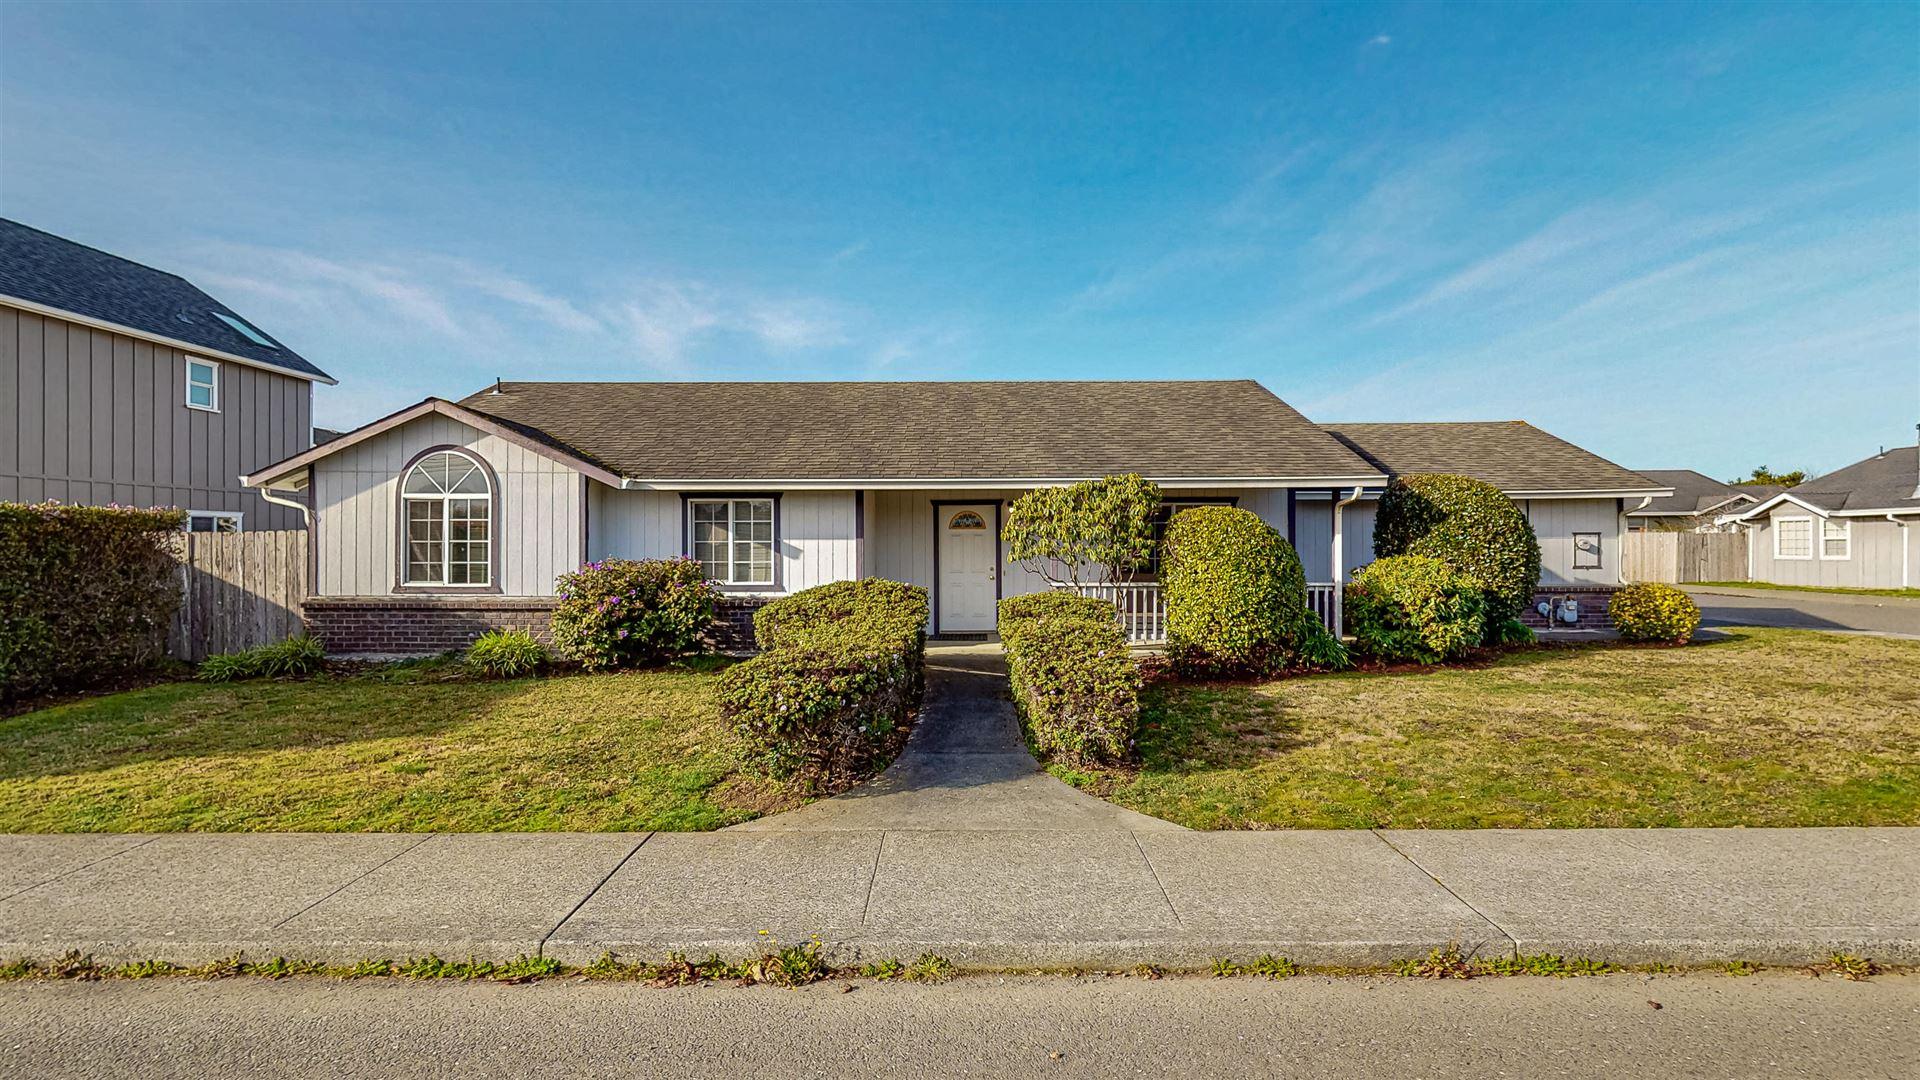 1190 Katrina Court, McKinleyville, CA 95519 - MLS#: 258052